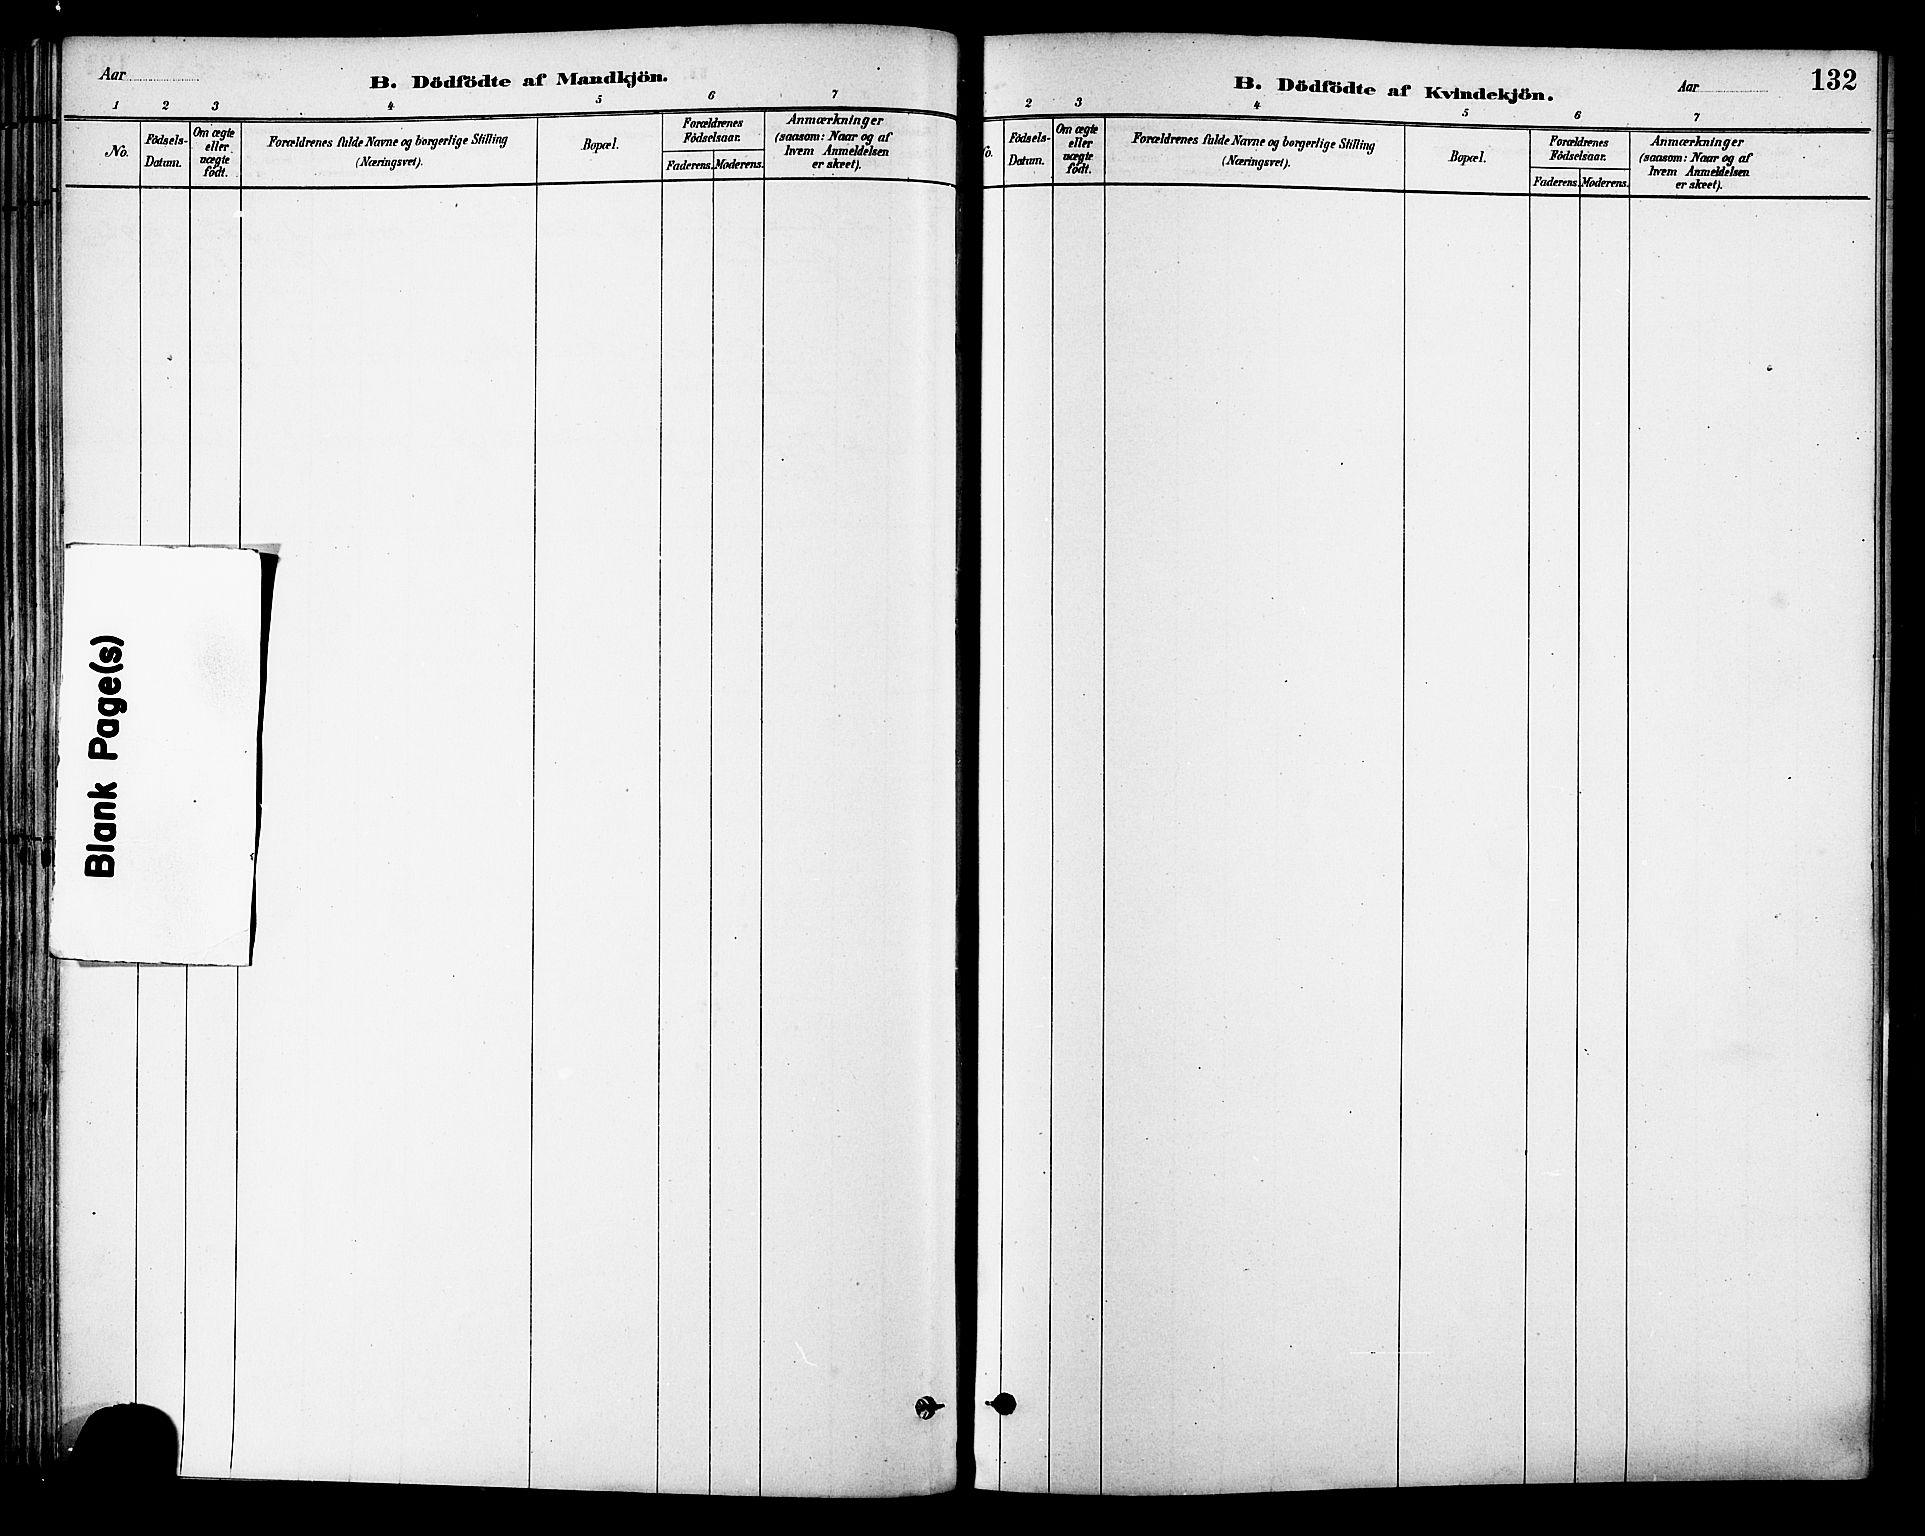 SAT, Ministerialprotokoller, klokkerbøker og fødselsregistre - Sør-Trøndelag, 630/L0496: Ministerialbok nr. 630A09, 1879-1895, s. 132